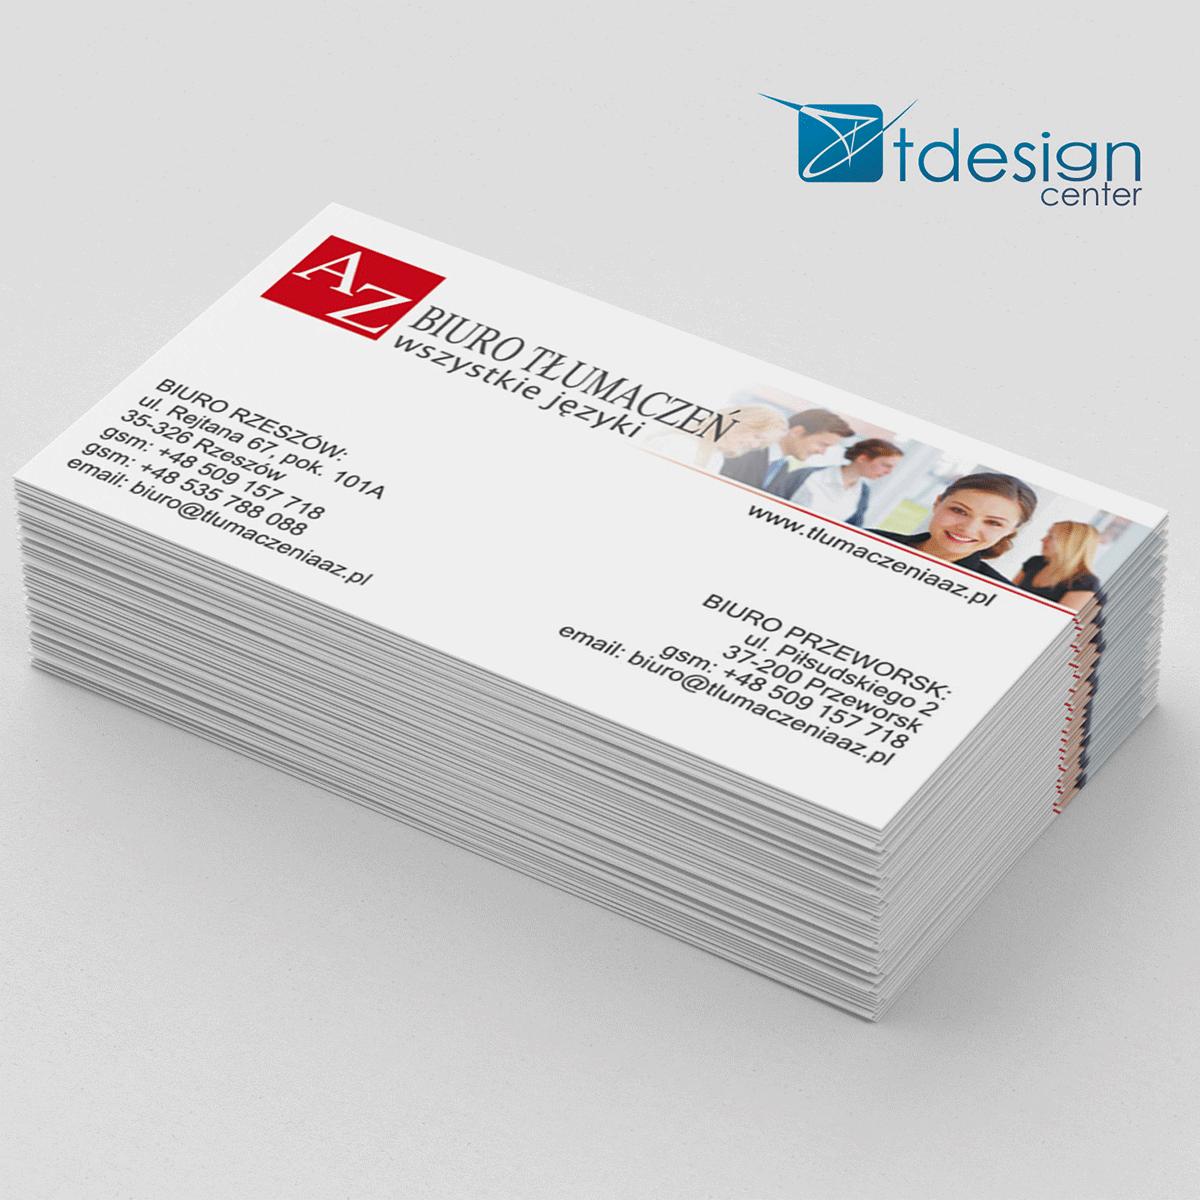 Wizytówka 90x50mm, projekt + druk, realizacja dla biura tłumaczeń AZ